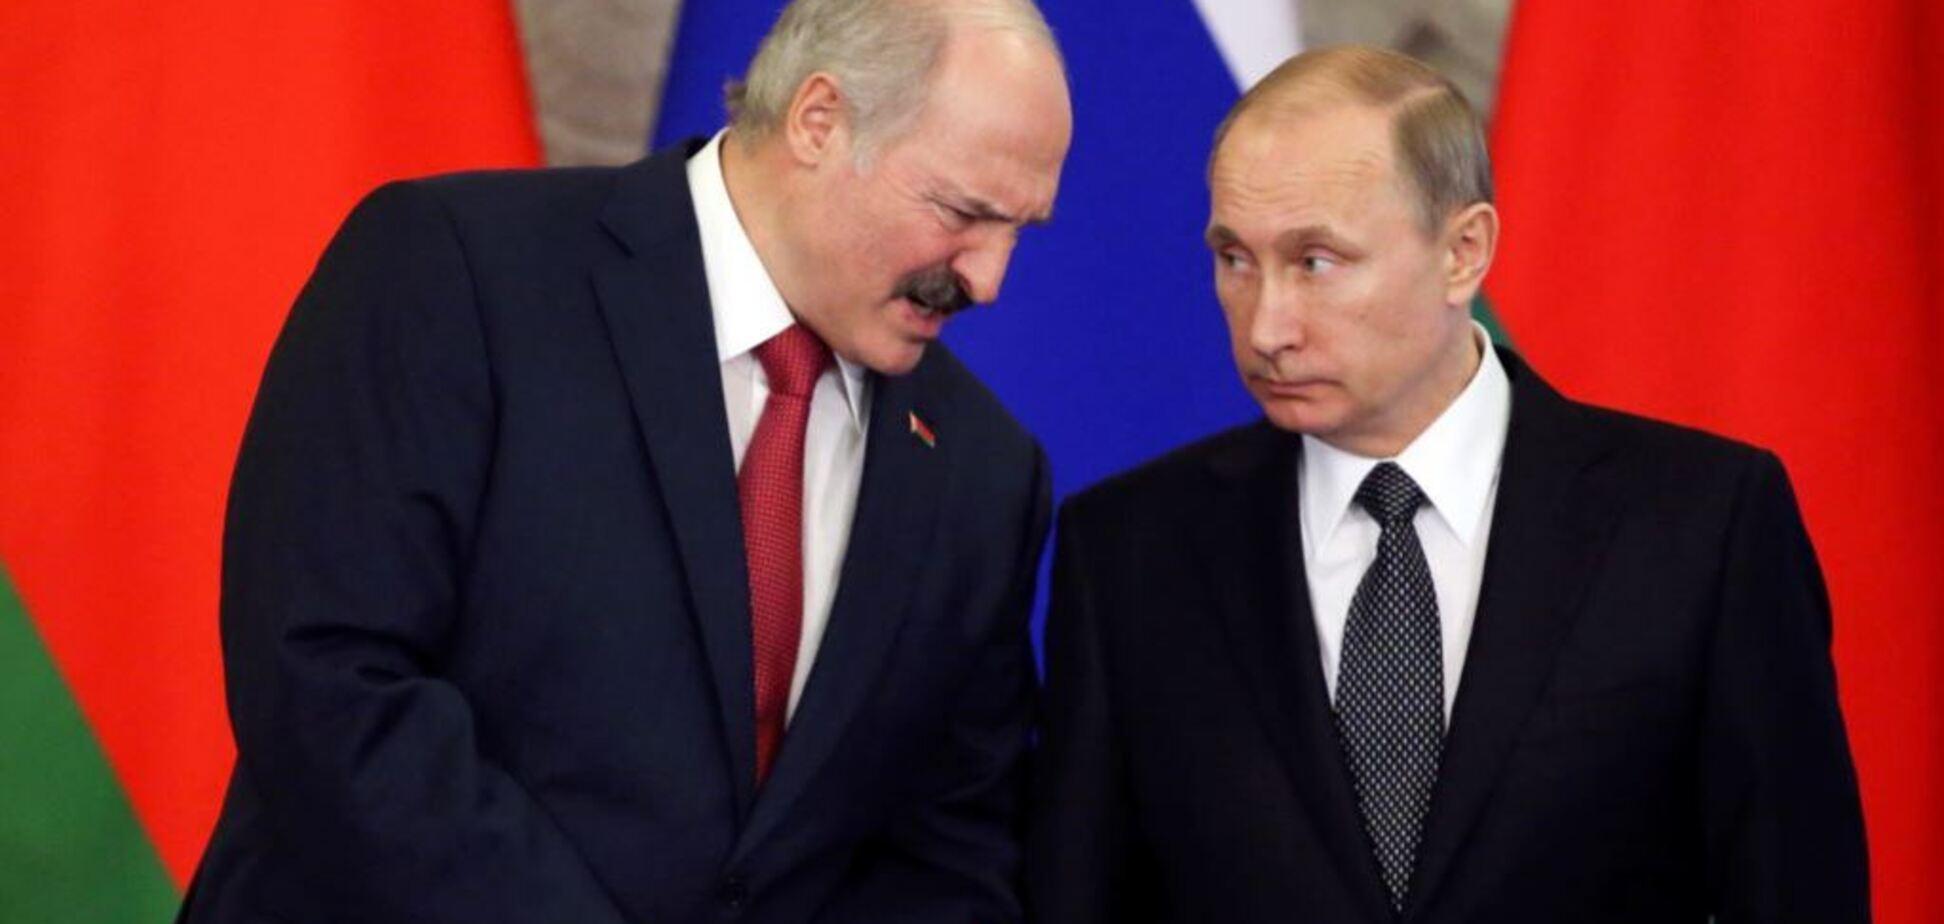 'Ползать на коленях не надо': Лукашенко жестко высказалсяо 'грязной' нефти Путина